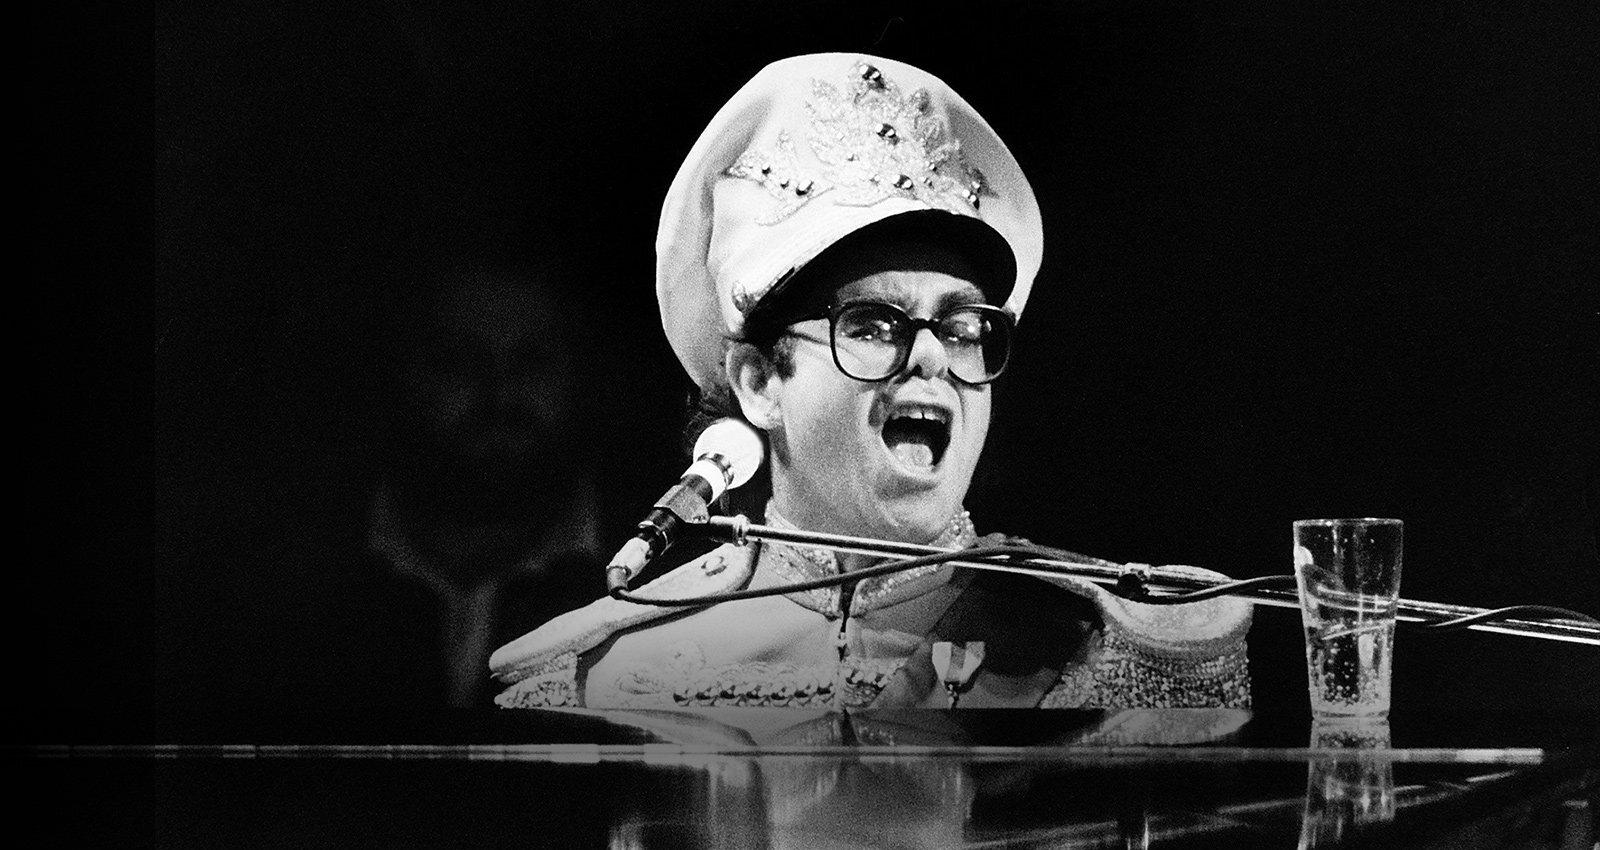 No Redžija par Eltonu Džonu. Ekstravagantā dziedātāja biogrāfijas spilgtākie pavērsieni